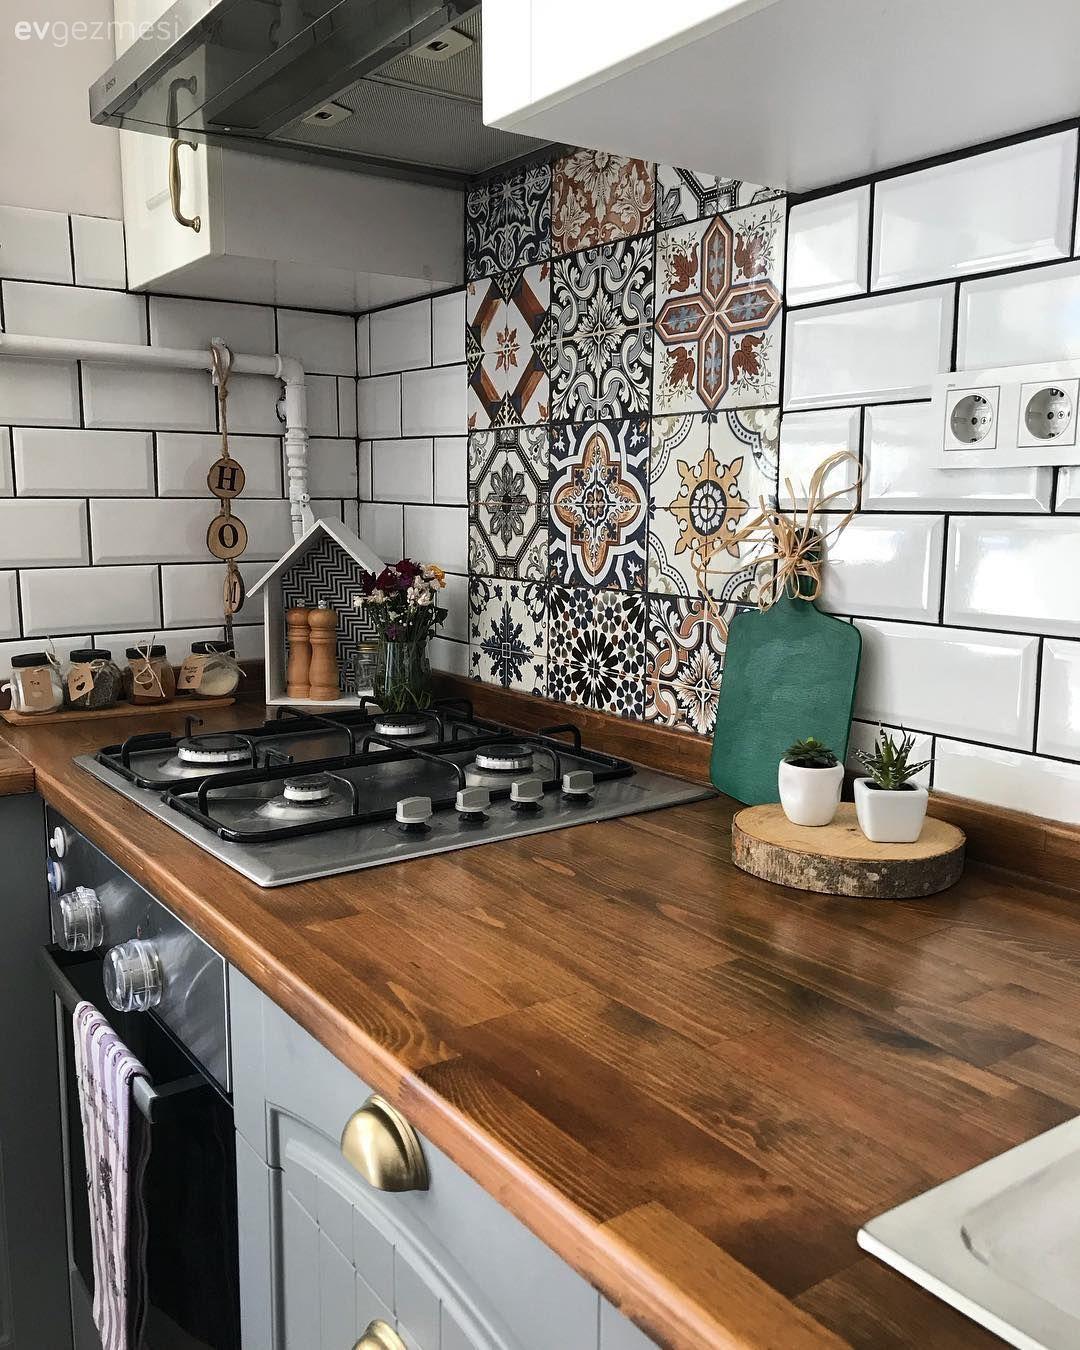 Ankastre, Karo, Mutfak, Seramik, Tezgah arası seramik, Country mutfak, Gri #future Home Gri ve beyaz dolaplara ahşap tezgah. Deniz hanımın rustik mutfağı. #beautifularchitecture